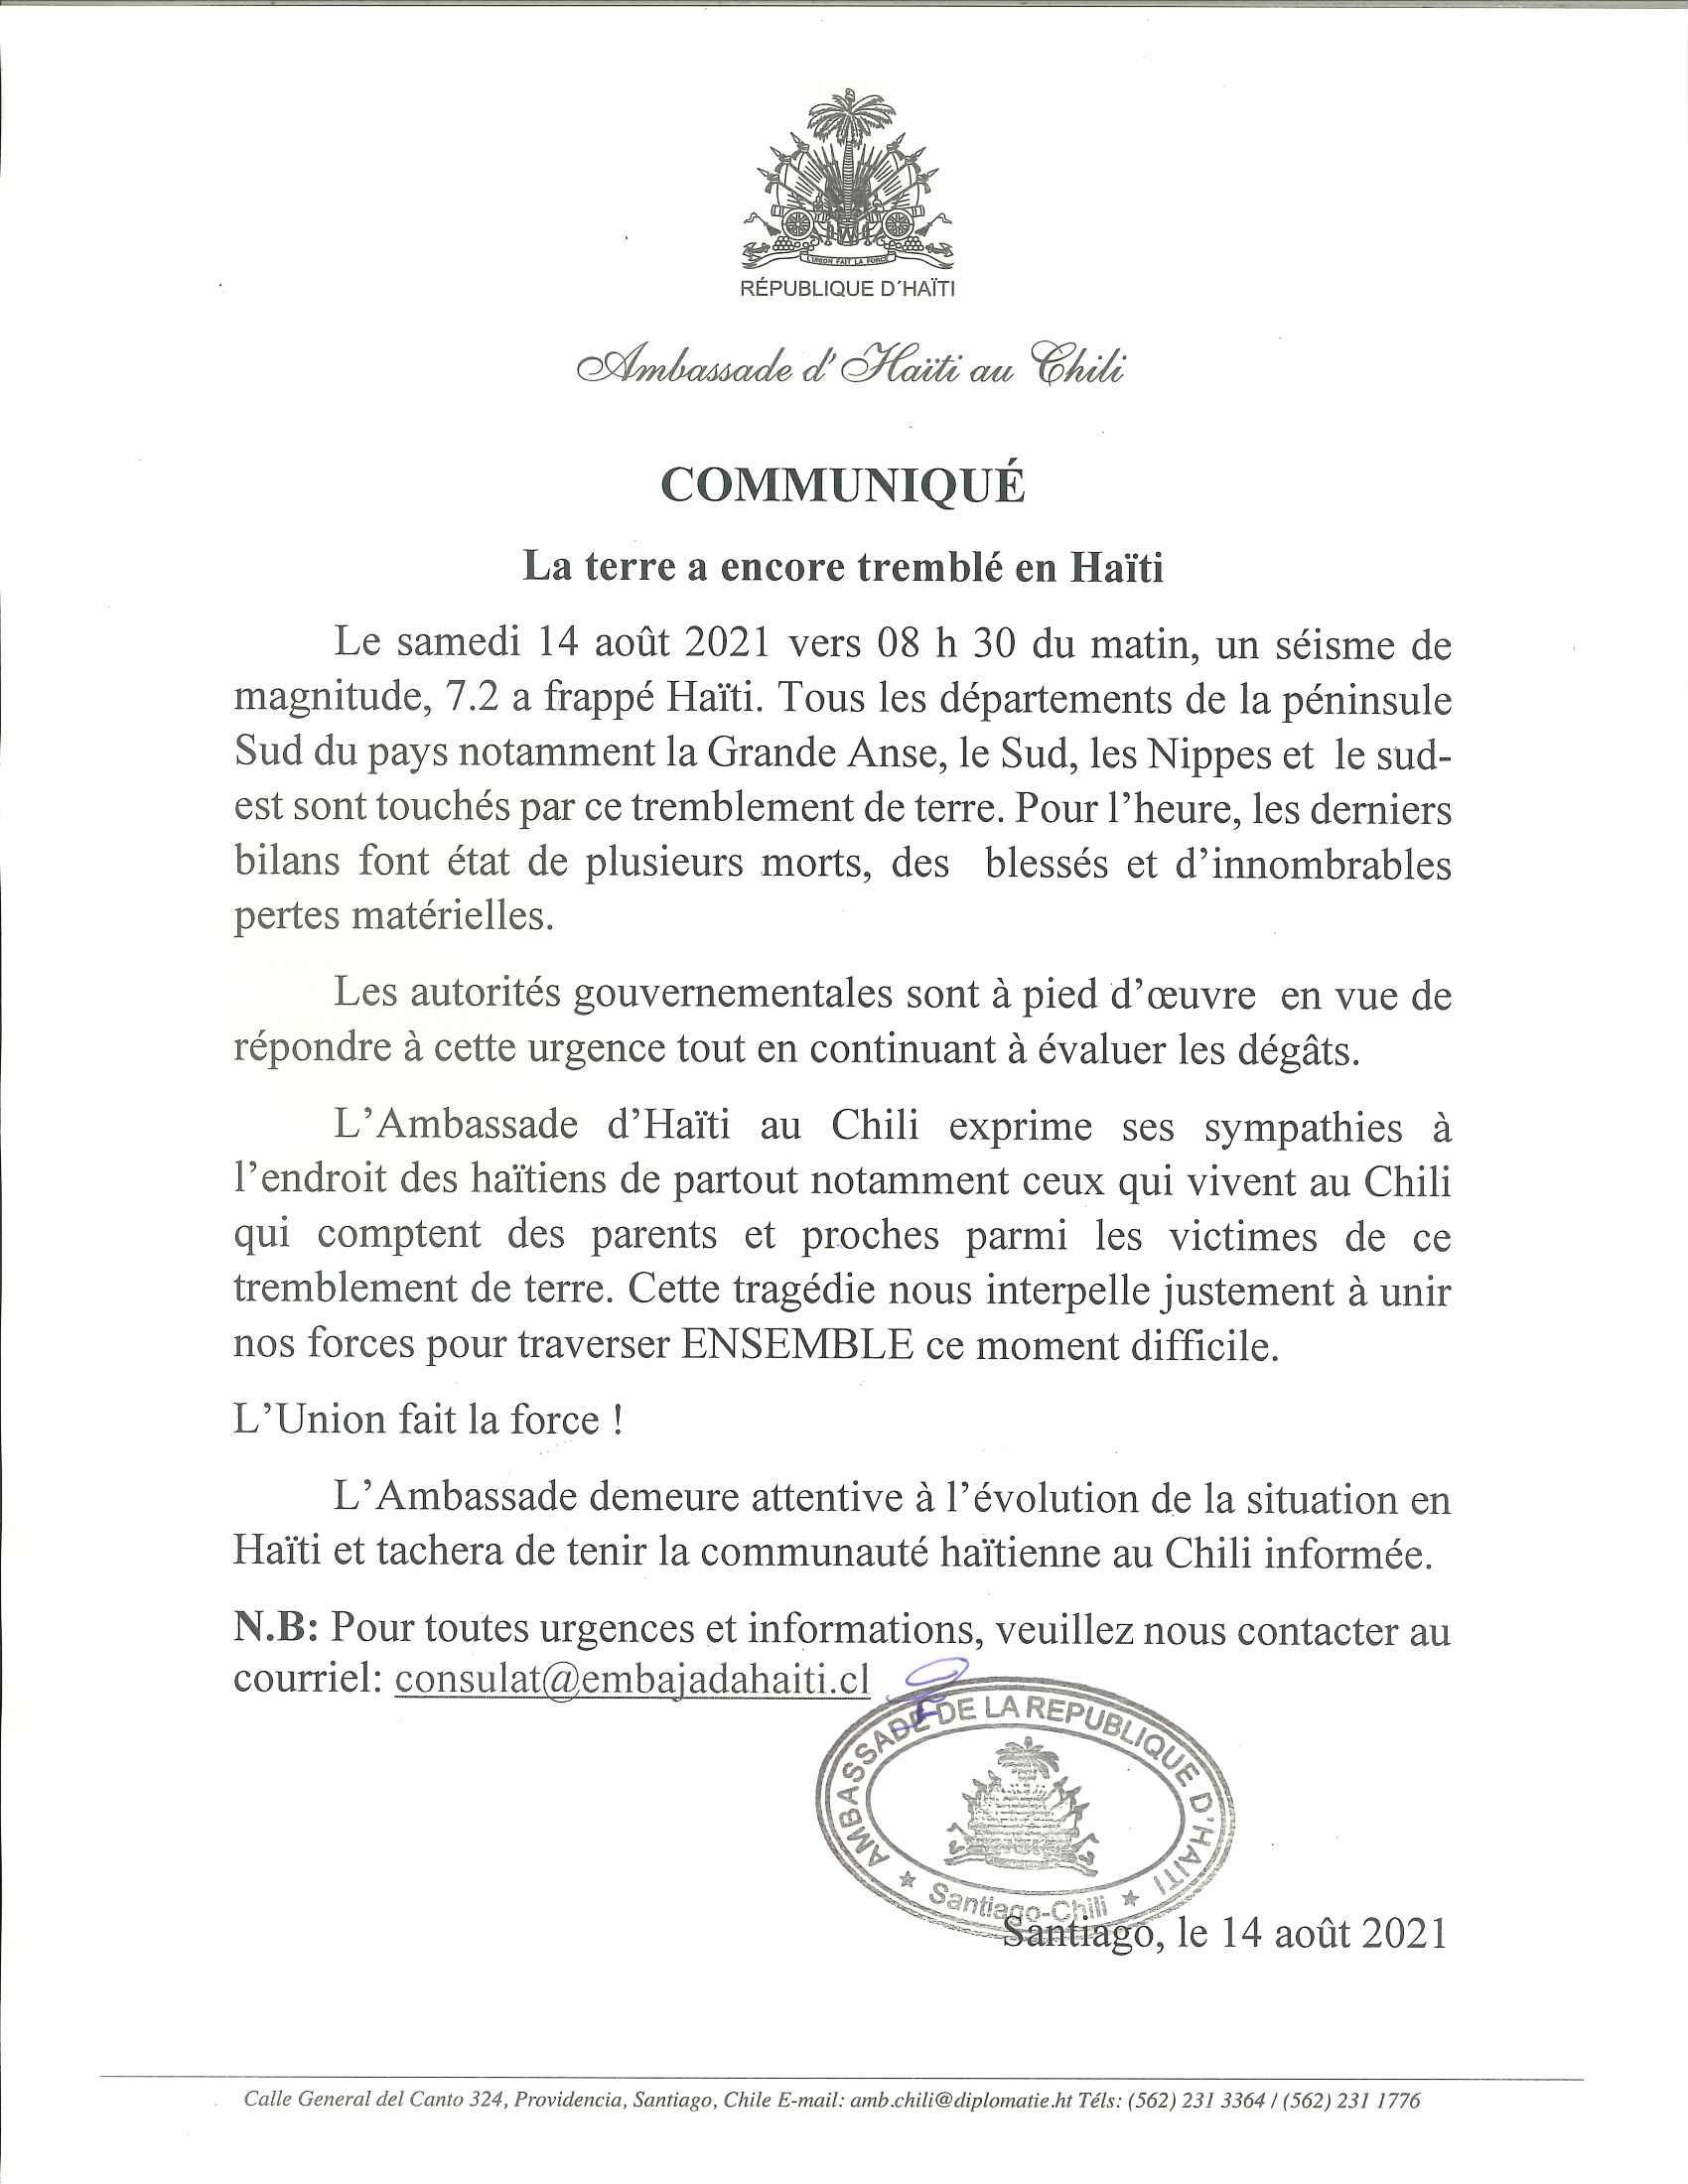 Versión francesa-Communiqué